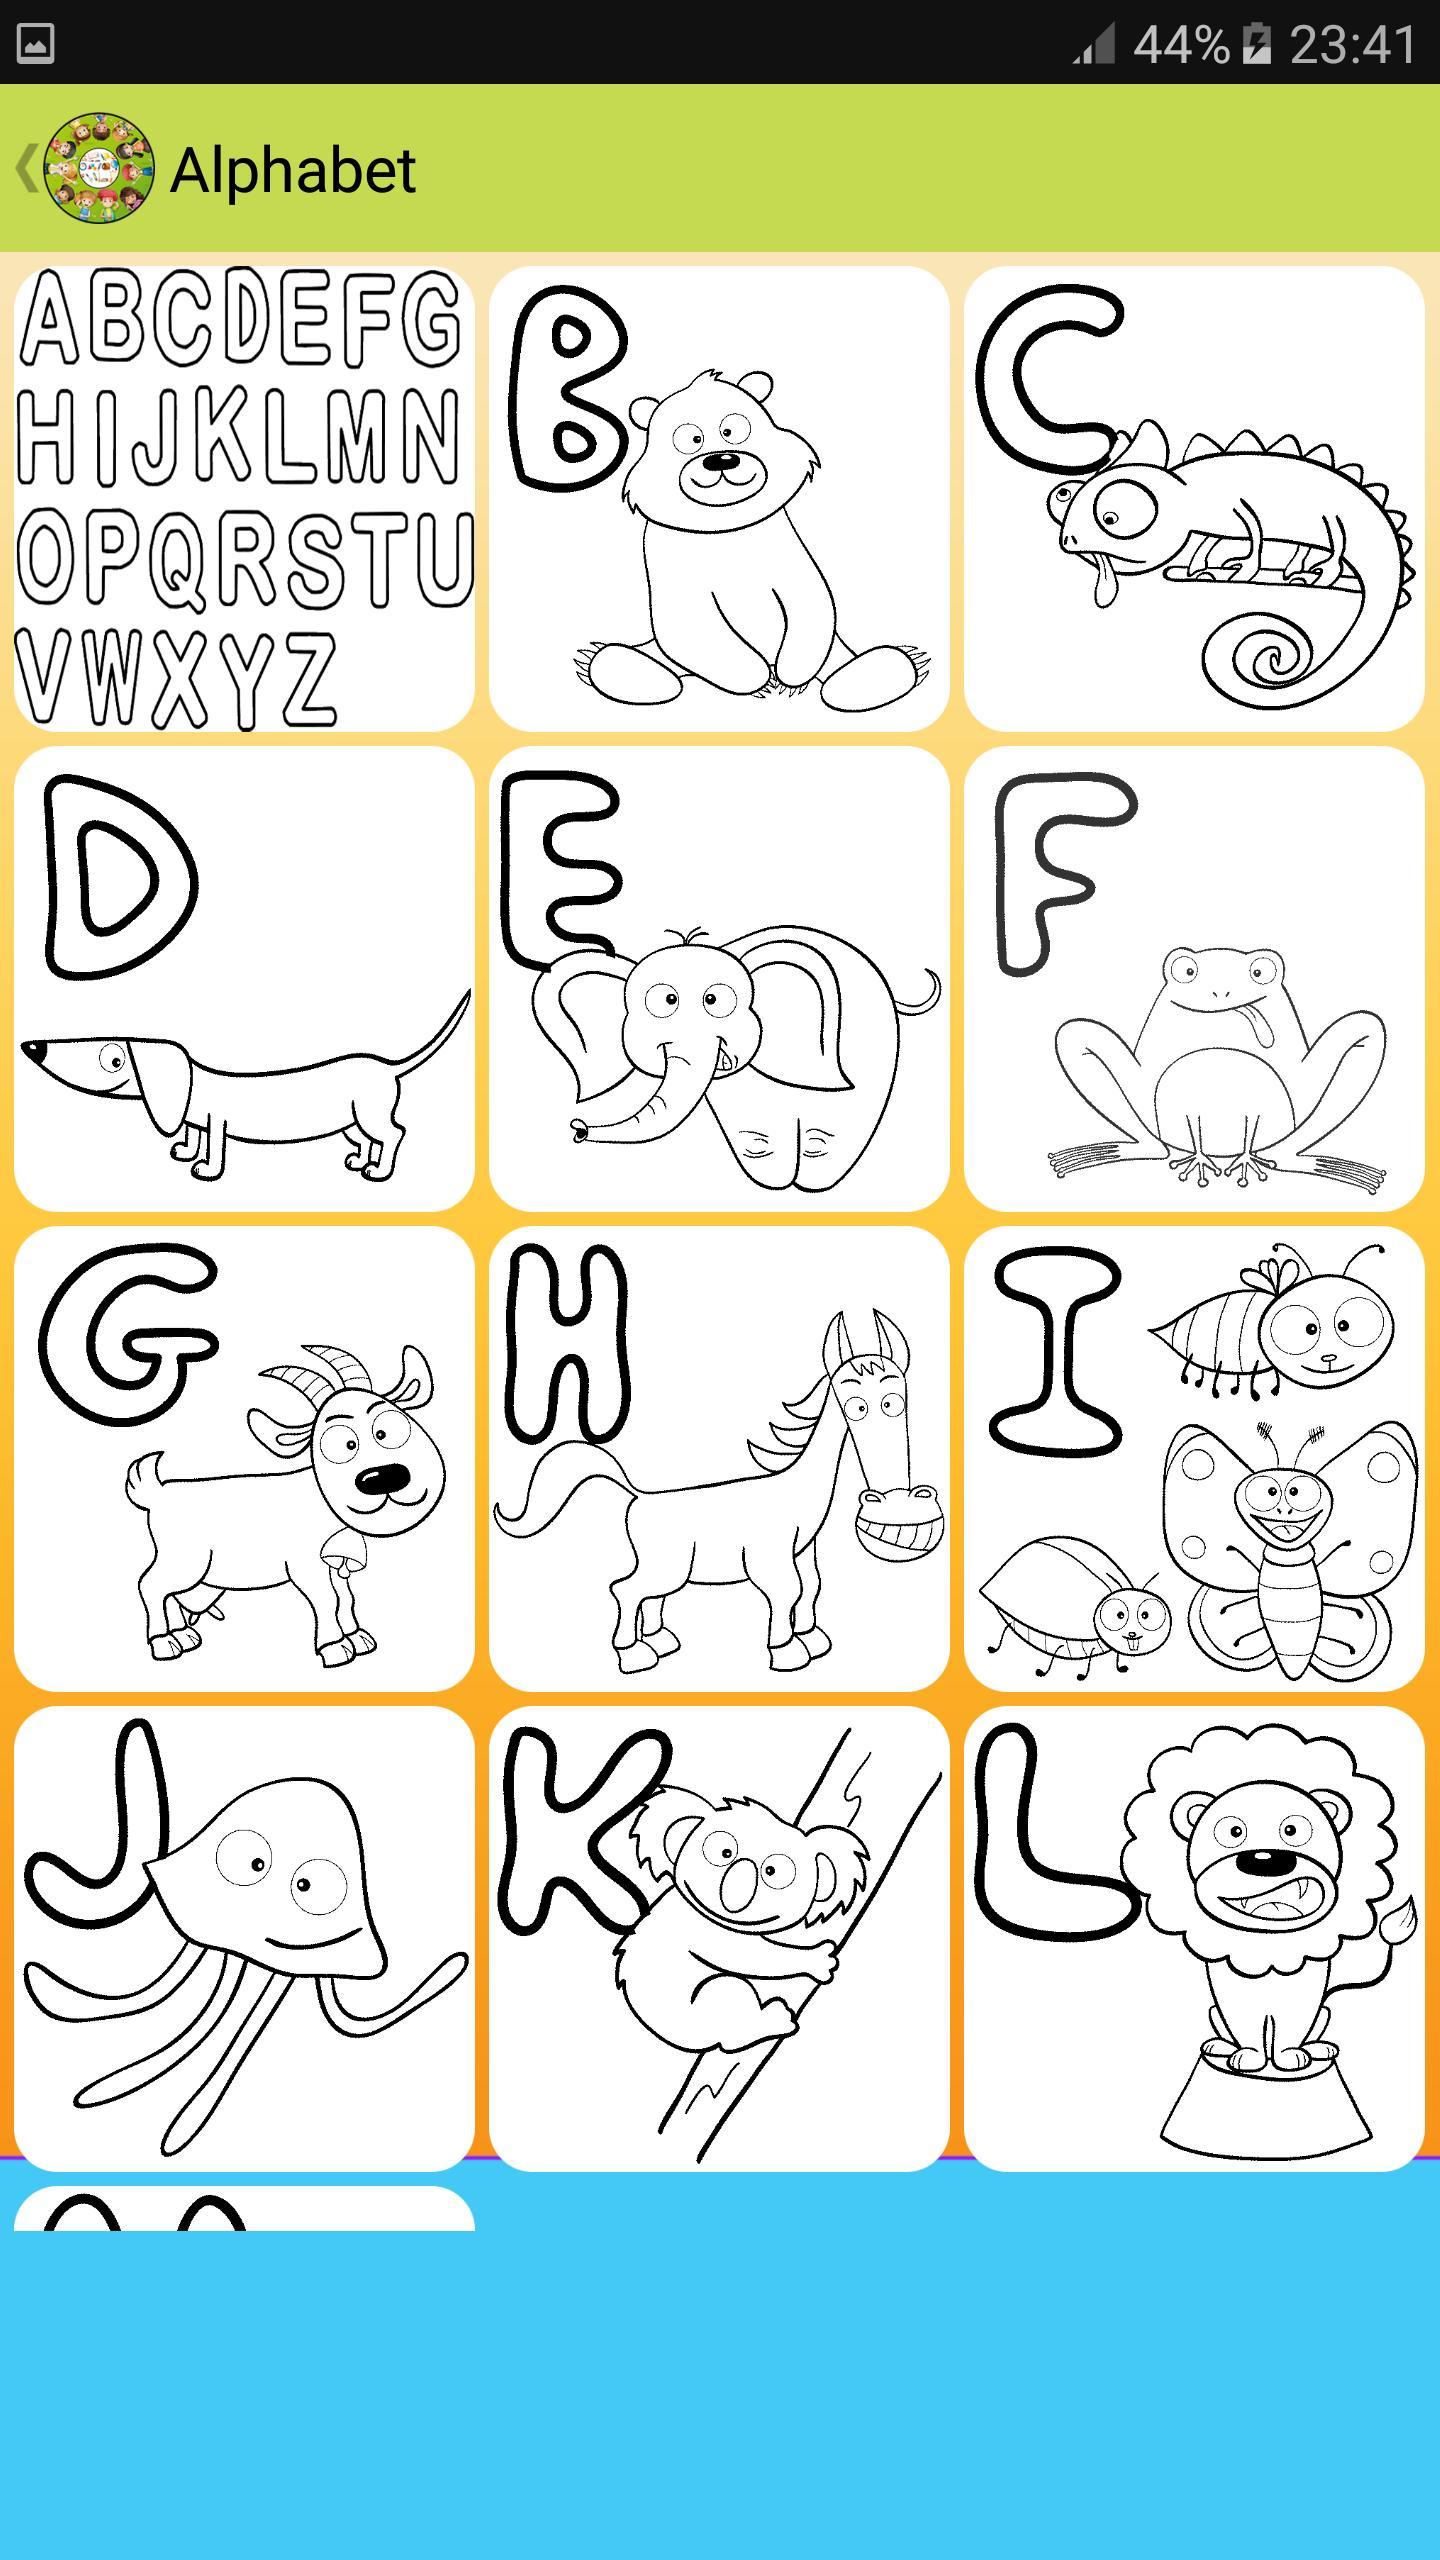 Jeux Pour Enfants For Android - Apk Download concernant Jeux Pour Enfan